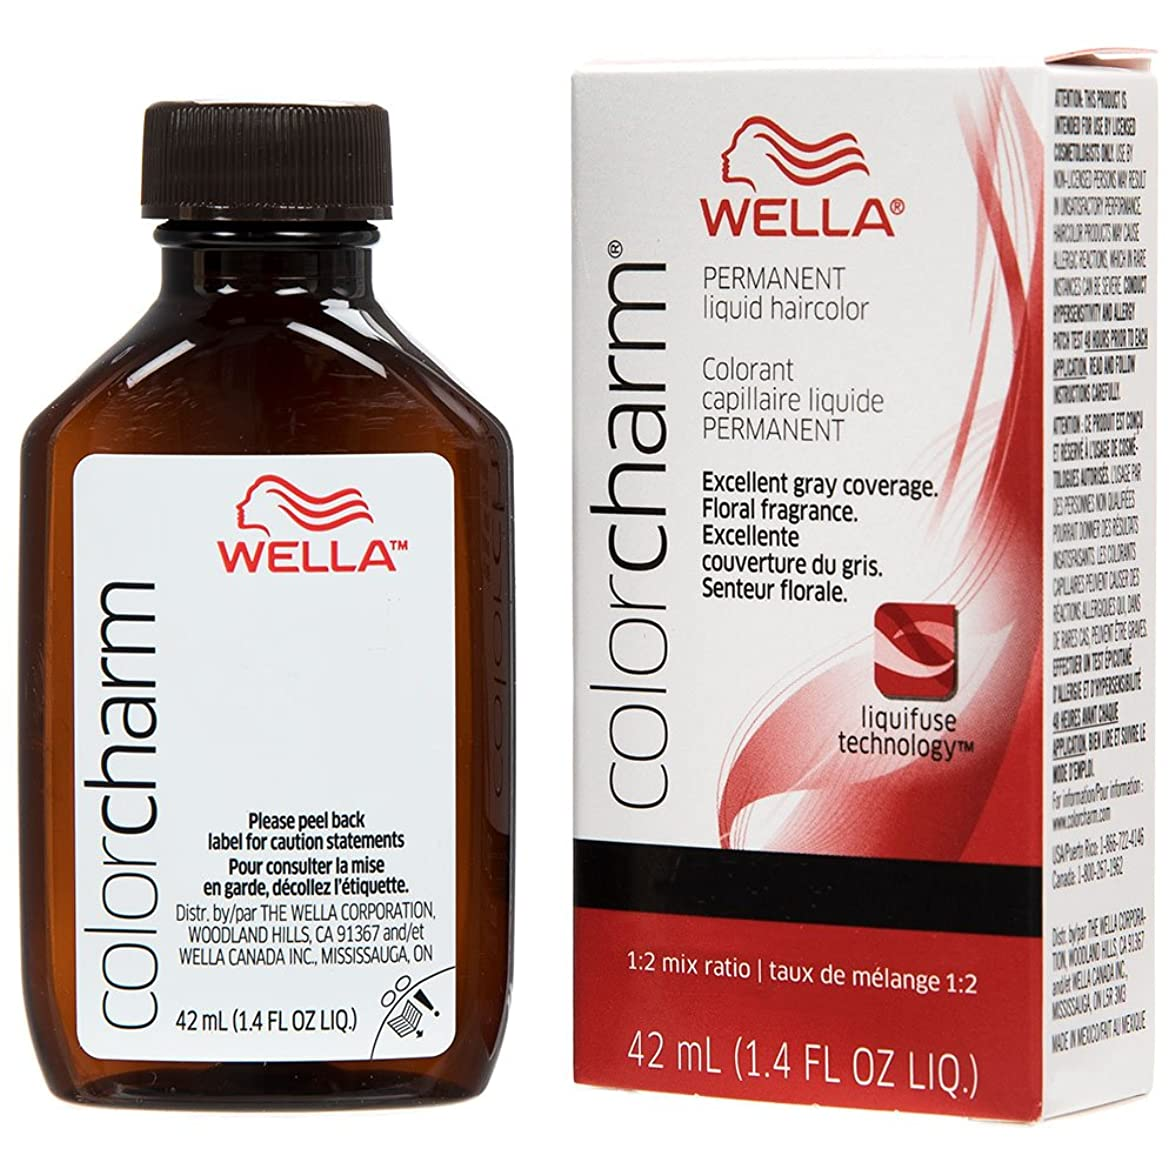 散歩に行く性的覆すWella チャーム液体パーマネントヘアカラー、 1.4オンス 8rg / 729ティツィアーノレッドブロンド